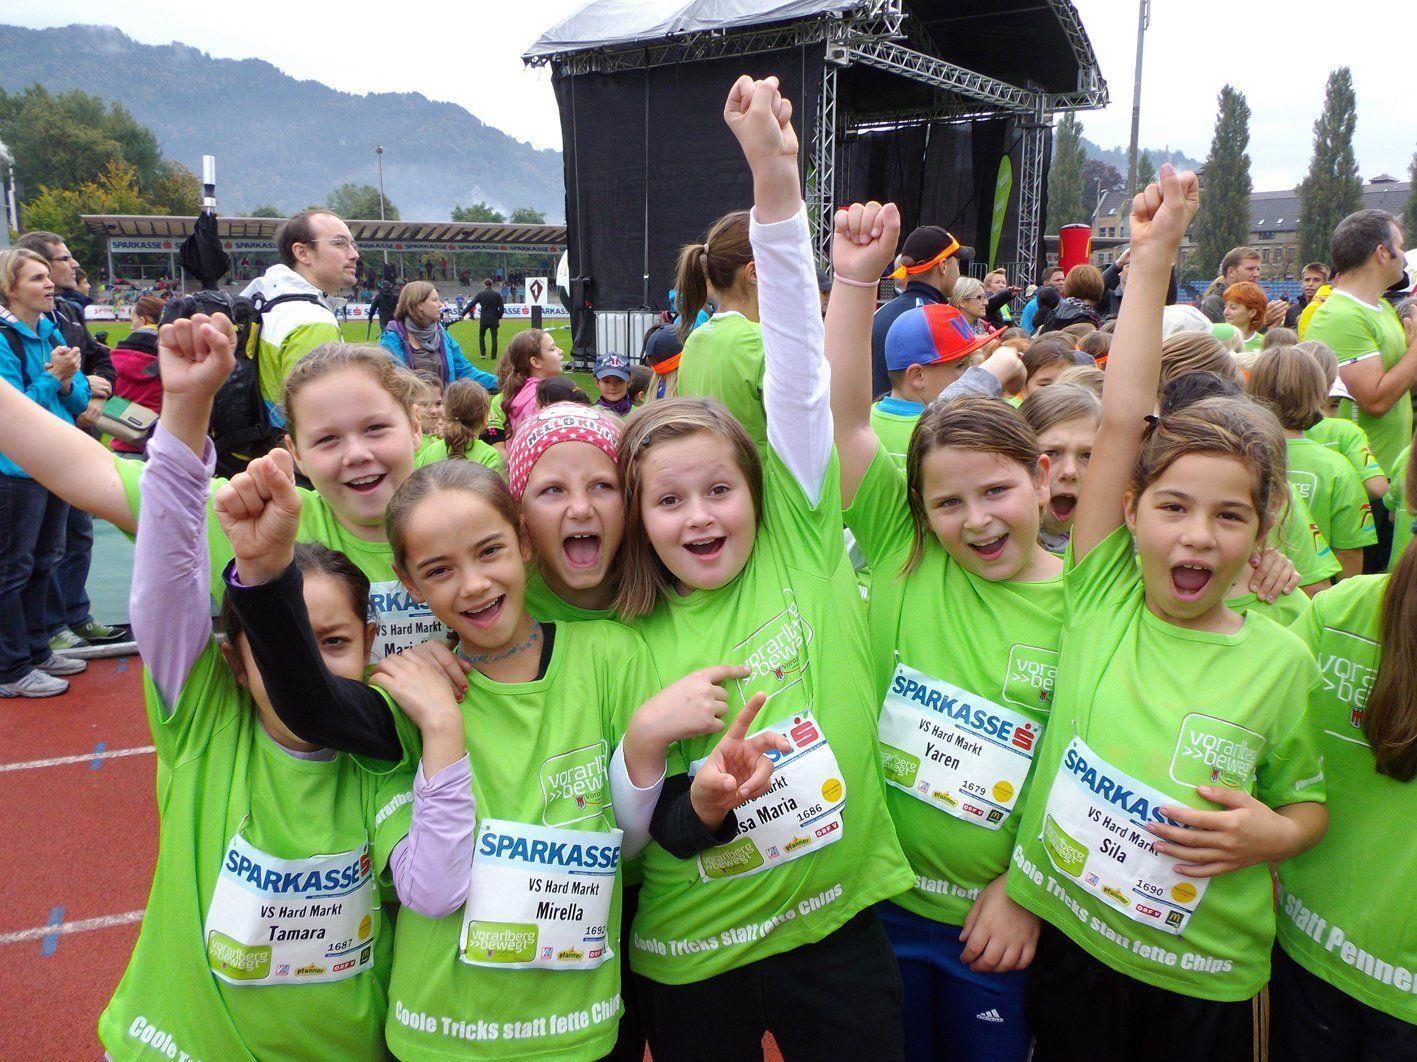 Die wetterfesten Harder Volksschüler bezwangen den Kindermarathon.